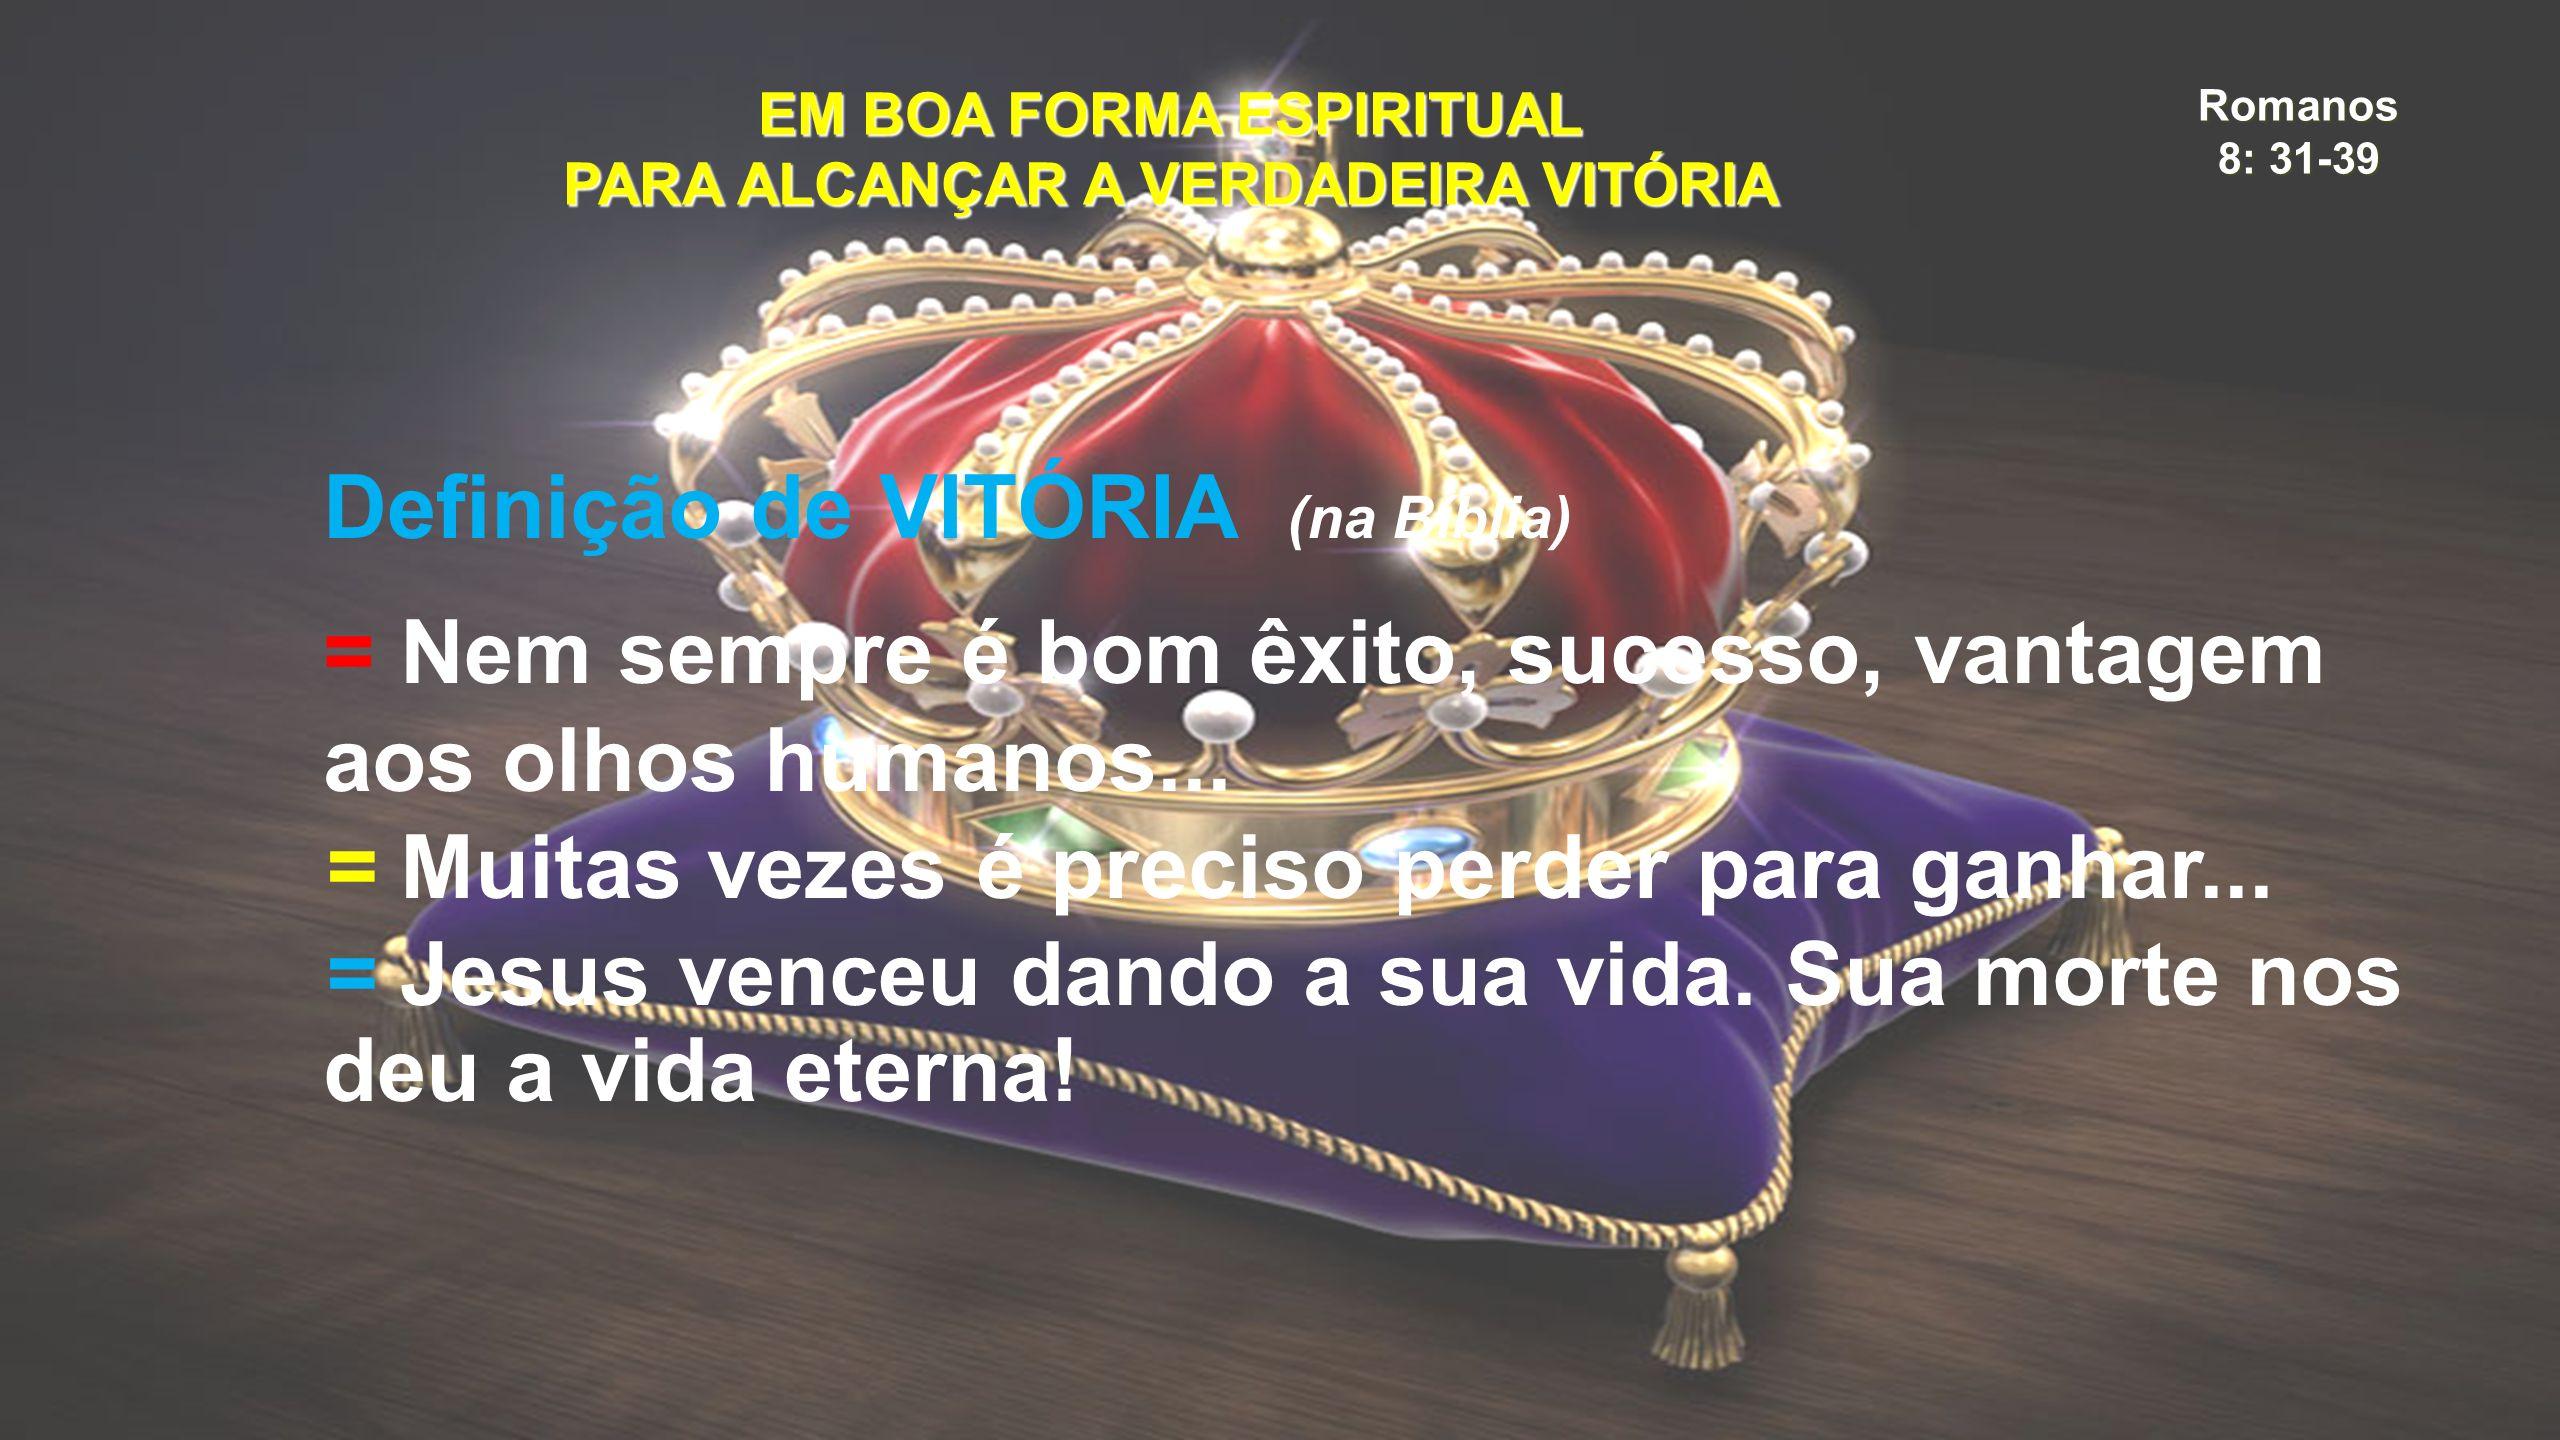 Romanos 8: 31-39 EM BOA FORMA ESPIRITUAL PARA ALCANÇAR A VERDADEIRA VITÓRIA Definição de VITÓRIA (na Bíblia) = Nem sempre é bom êxito, sucesso, vantagem aos olhos humanos...